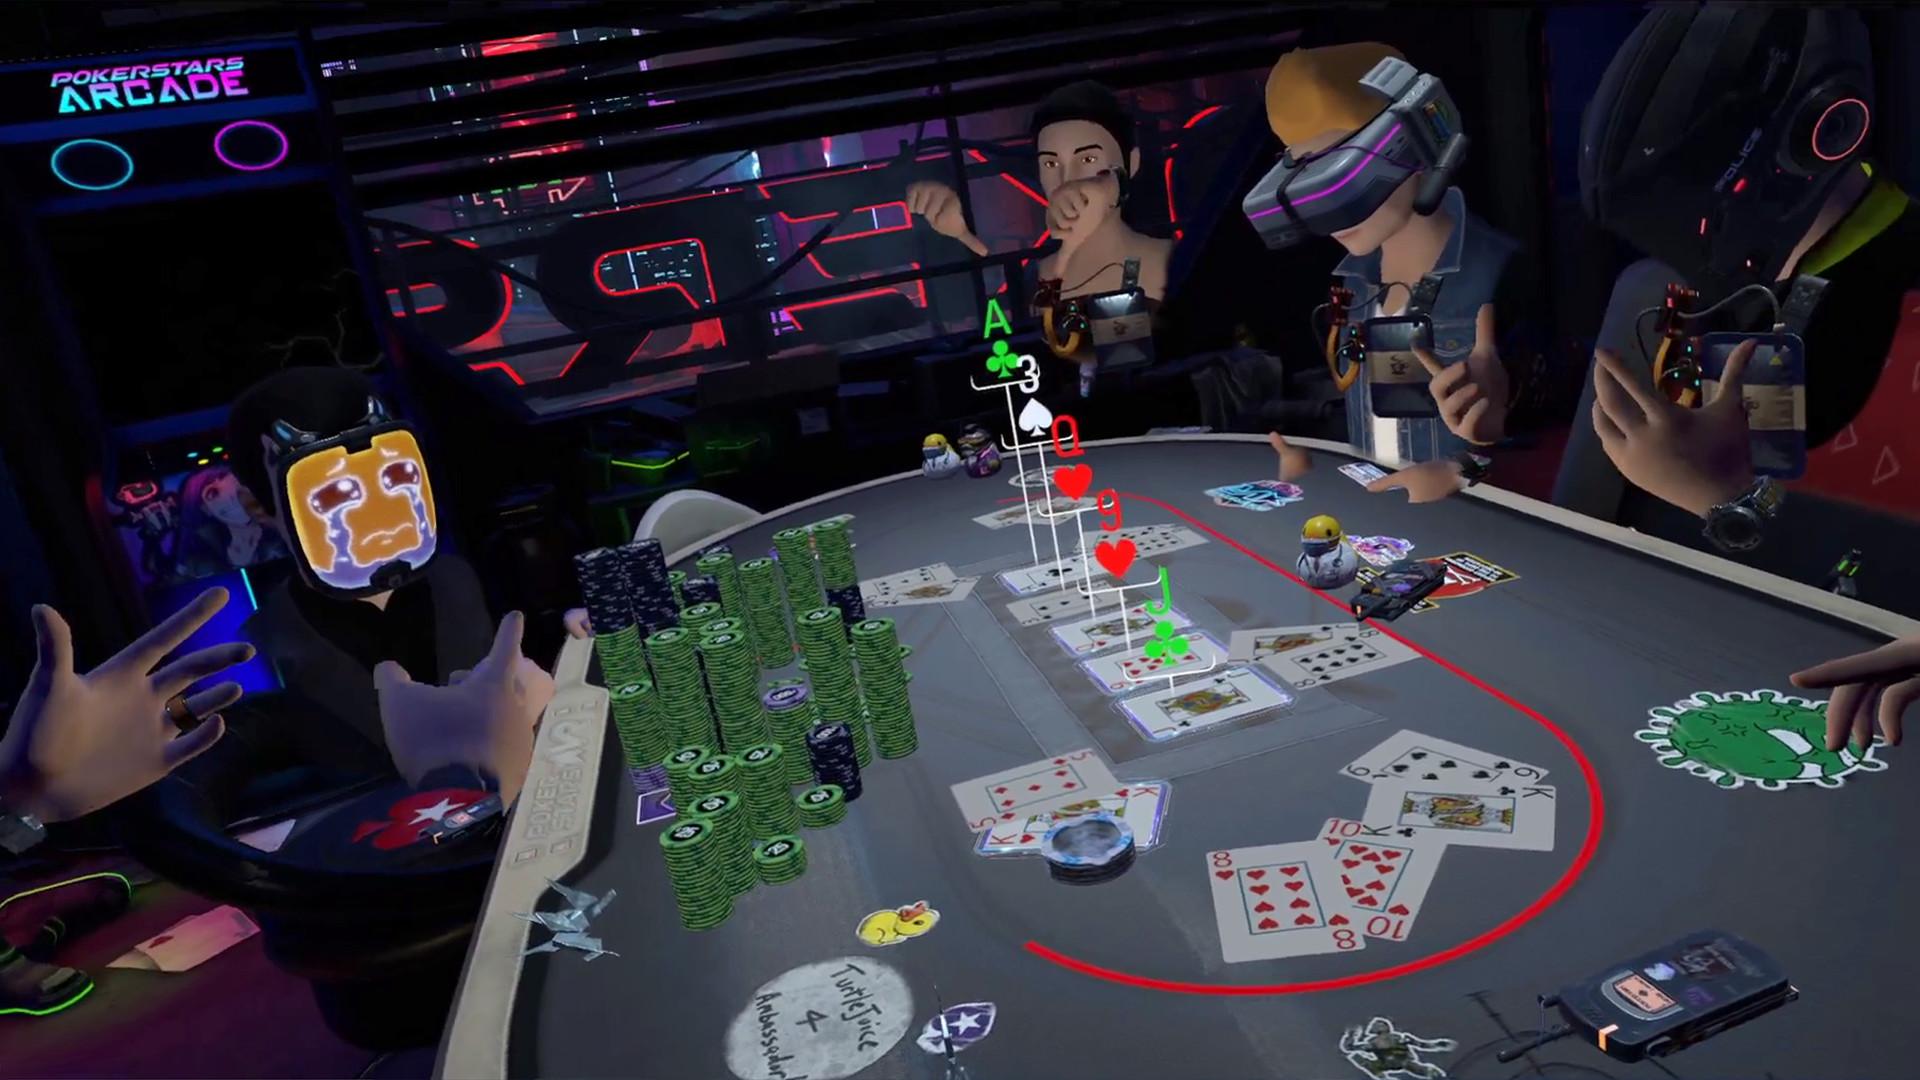 hd pokerstars vr wallpaper 73547